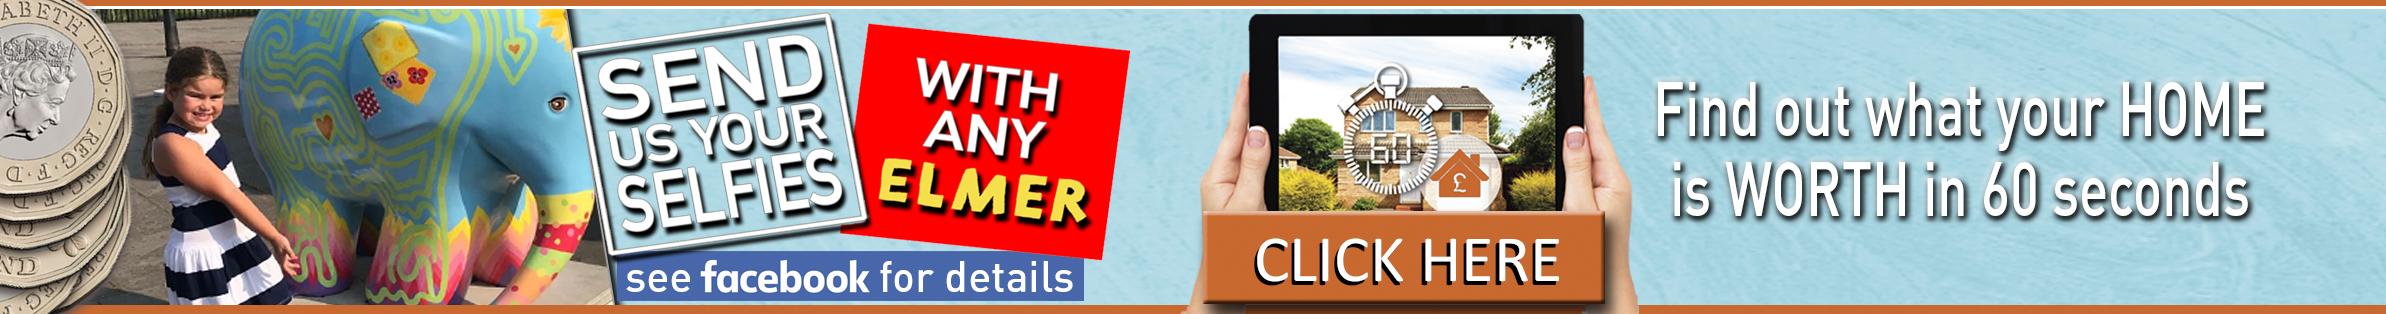 elmer_header_for_website